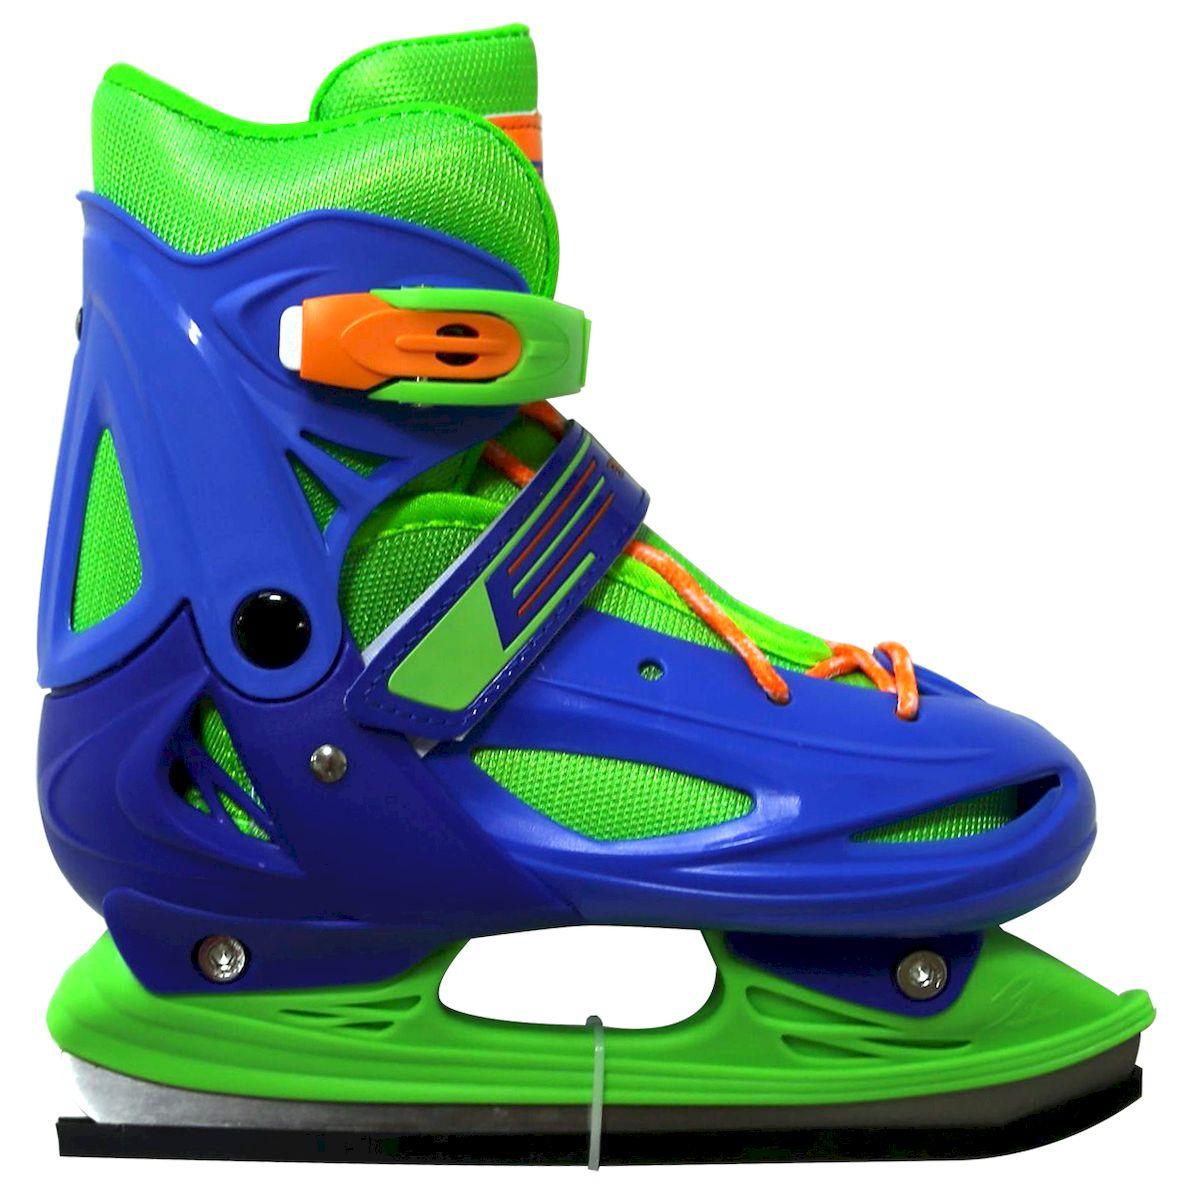 Коньки ледовые Ice Blade Casey, раздвижные, цвет: синий, зеленый, оранжевый. УТ-00009125. Размер S (30/33)